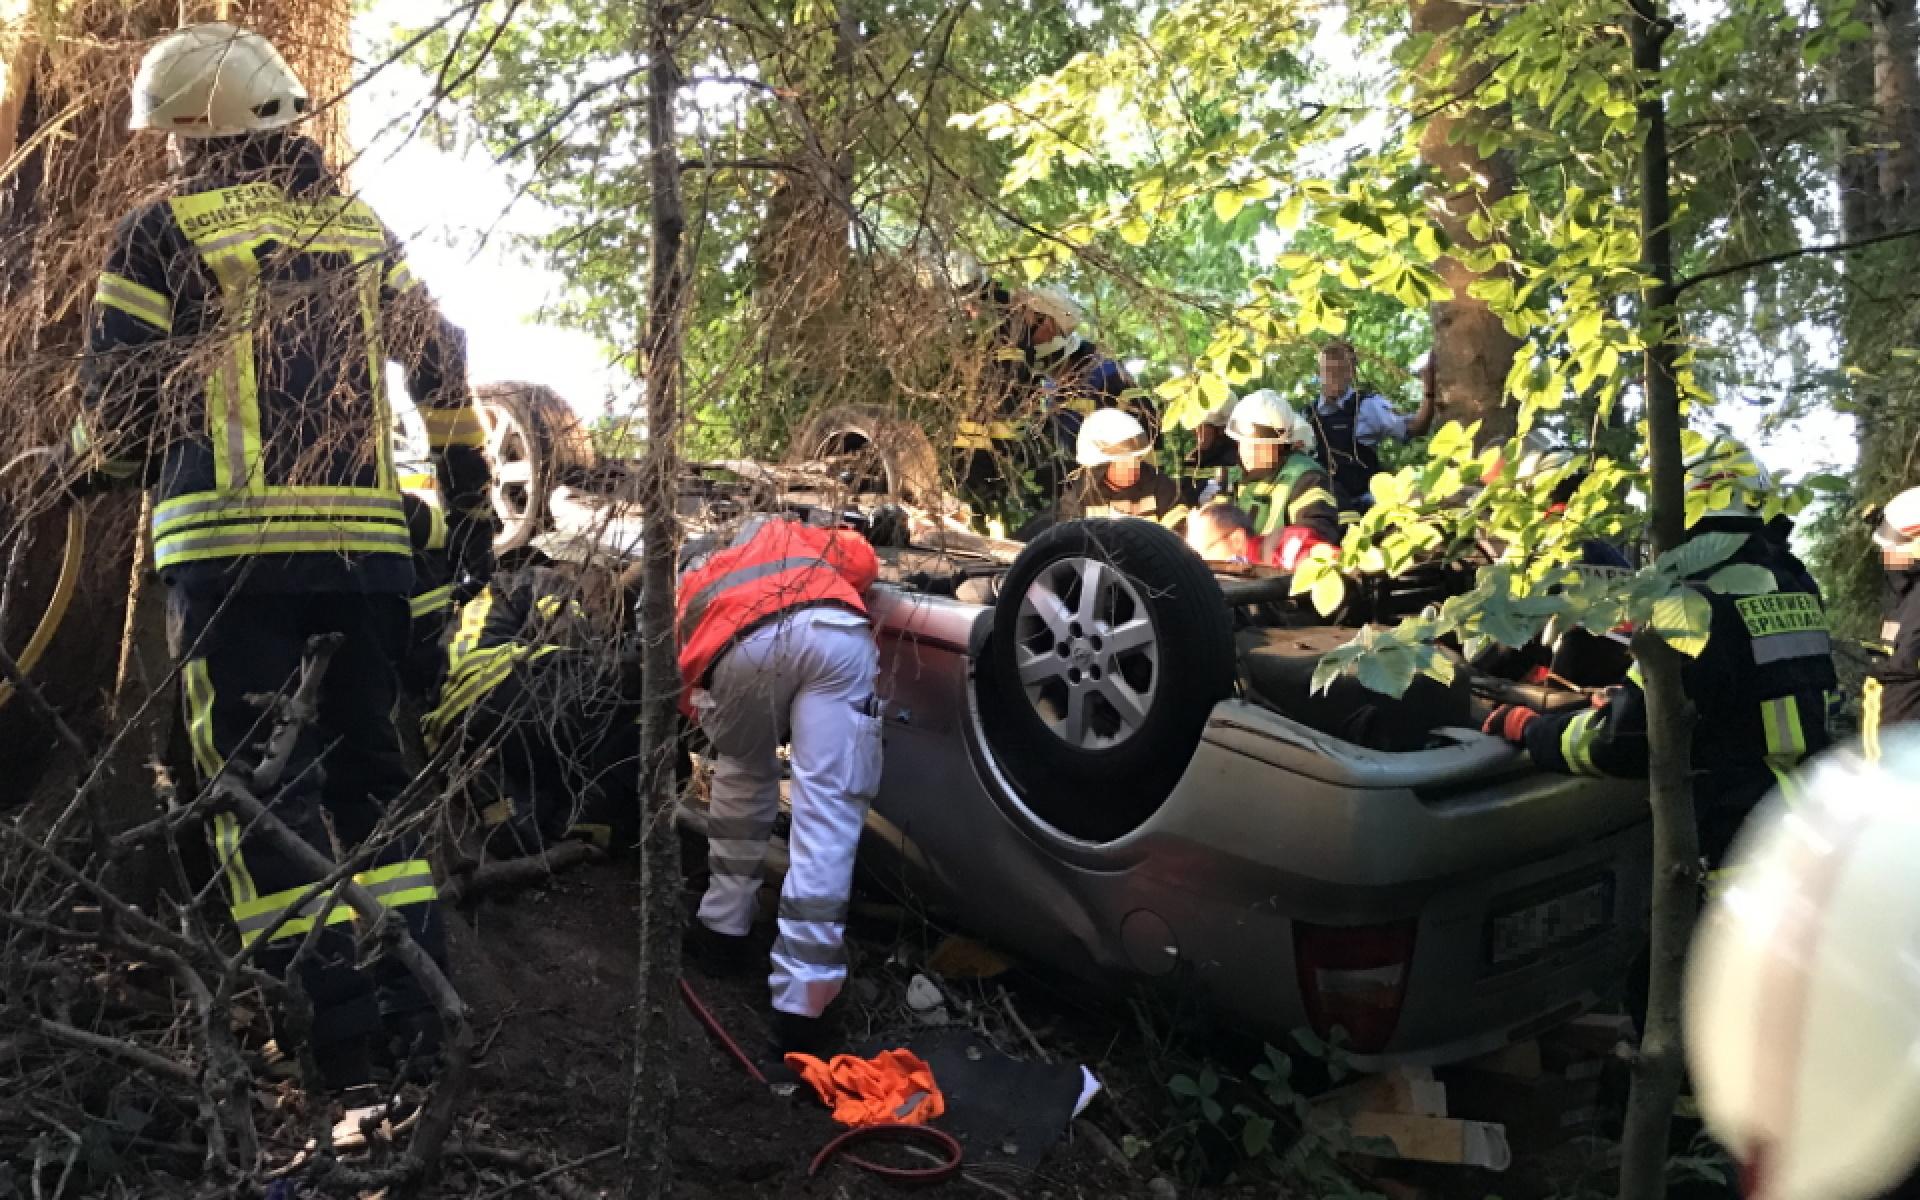 Der Pkw-Fahrer muss zunächst von den Kräften der Feuerwehr aus seinem Fahrzeug geborgen werden.